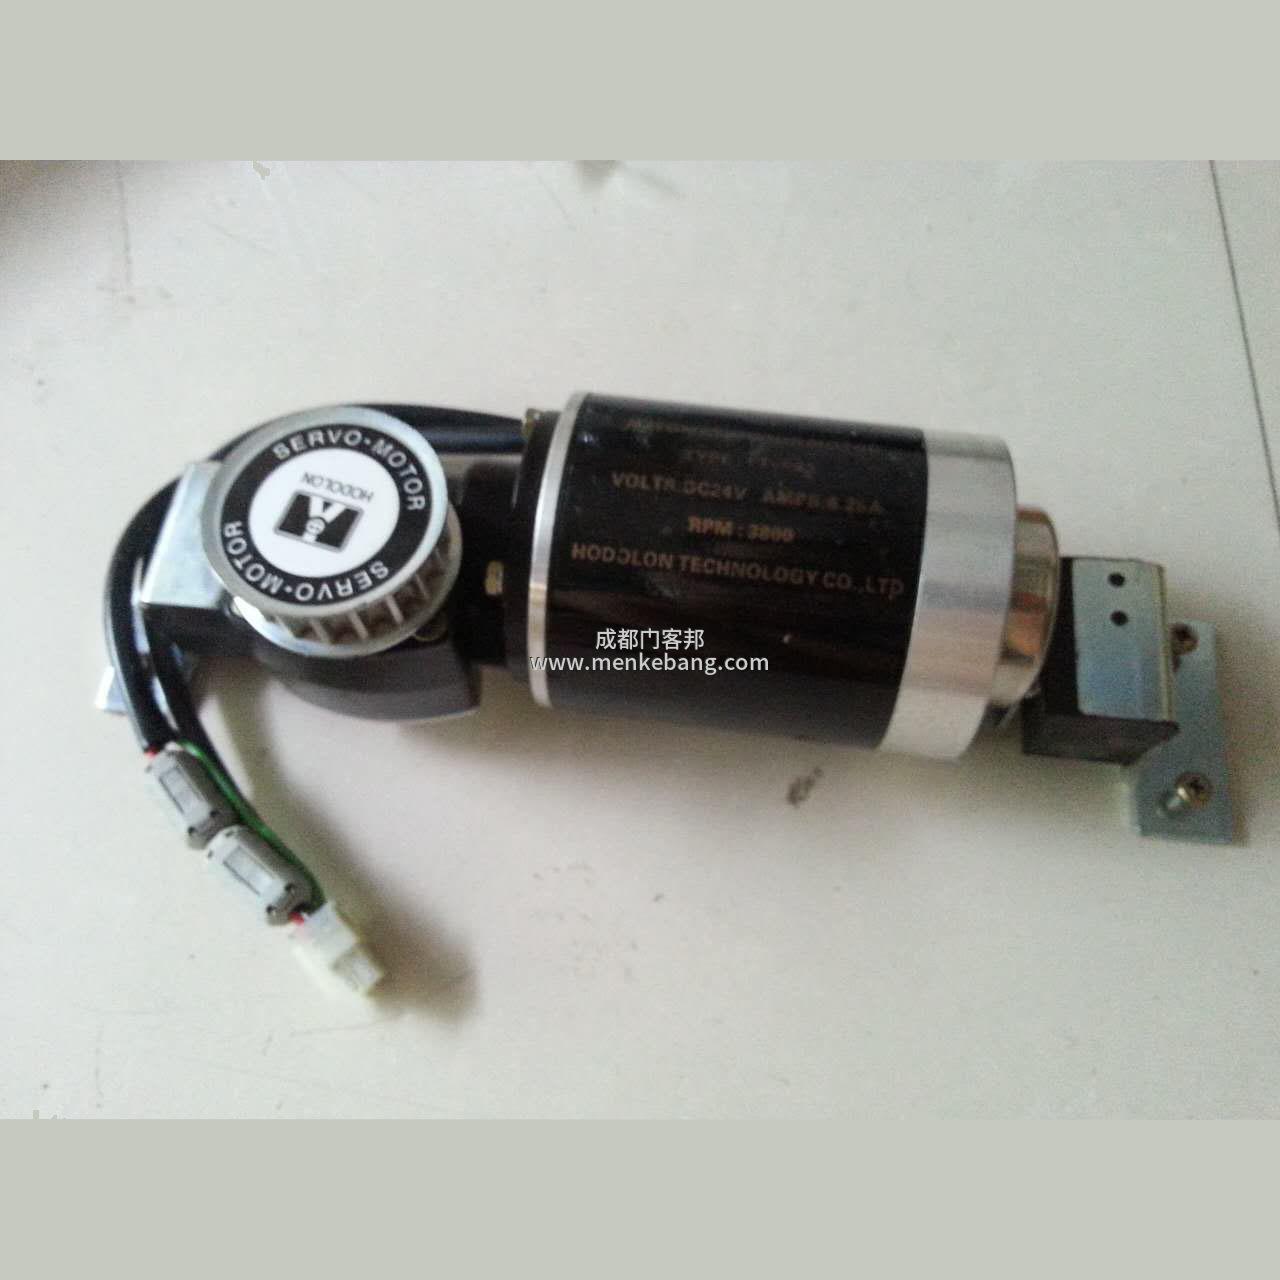 贺多龙FT600自动门电机图片